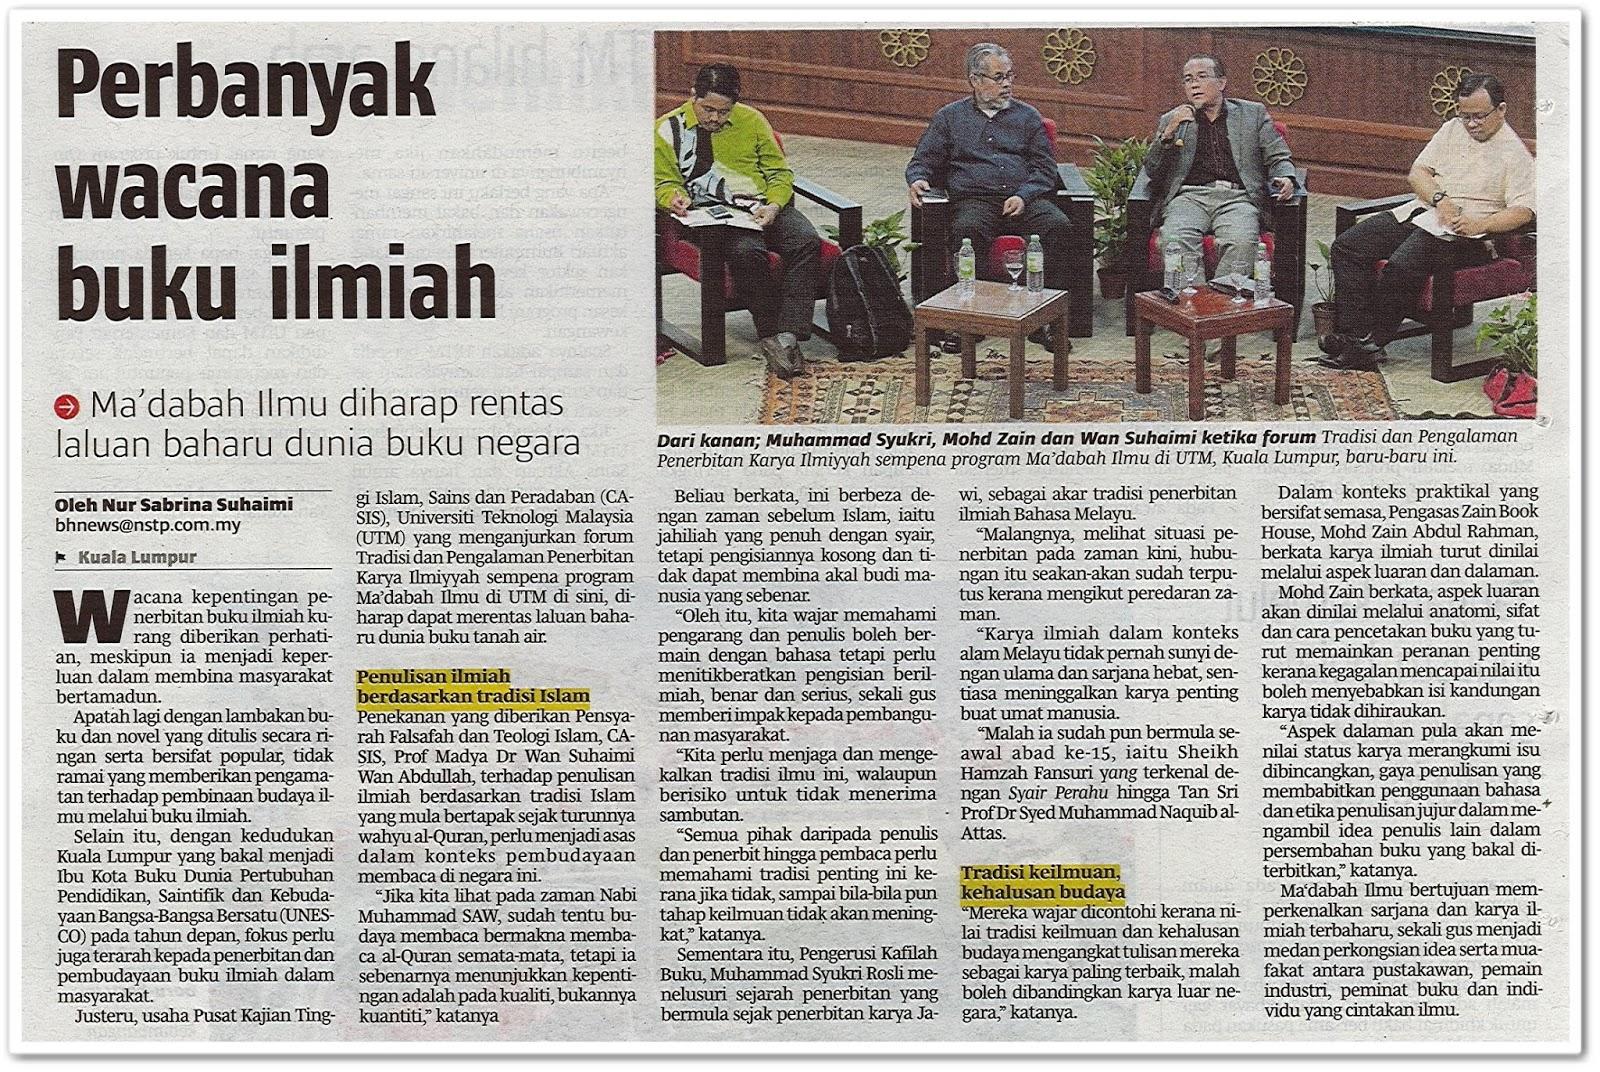 Perbanyak wacana buku ilmiah - Keratan akhbar Berita Harian 4 Mac 2019